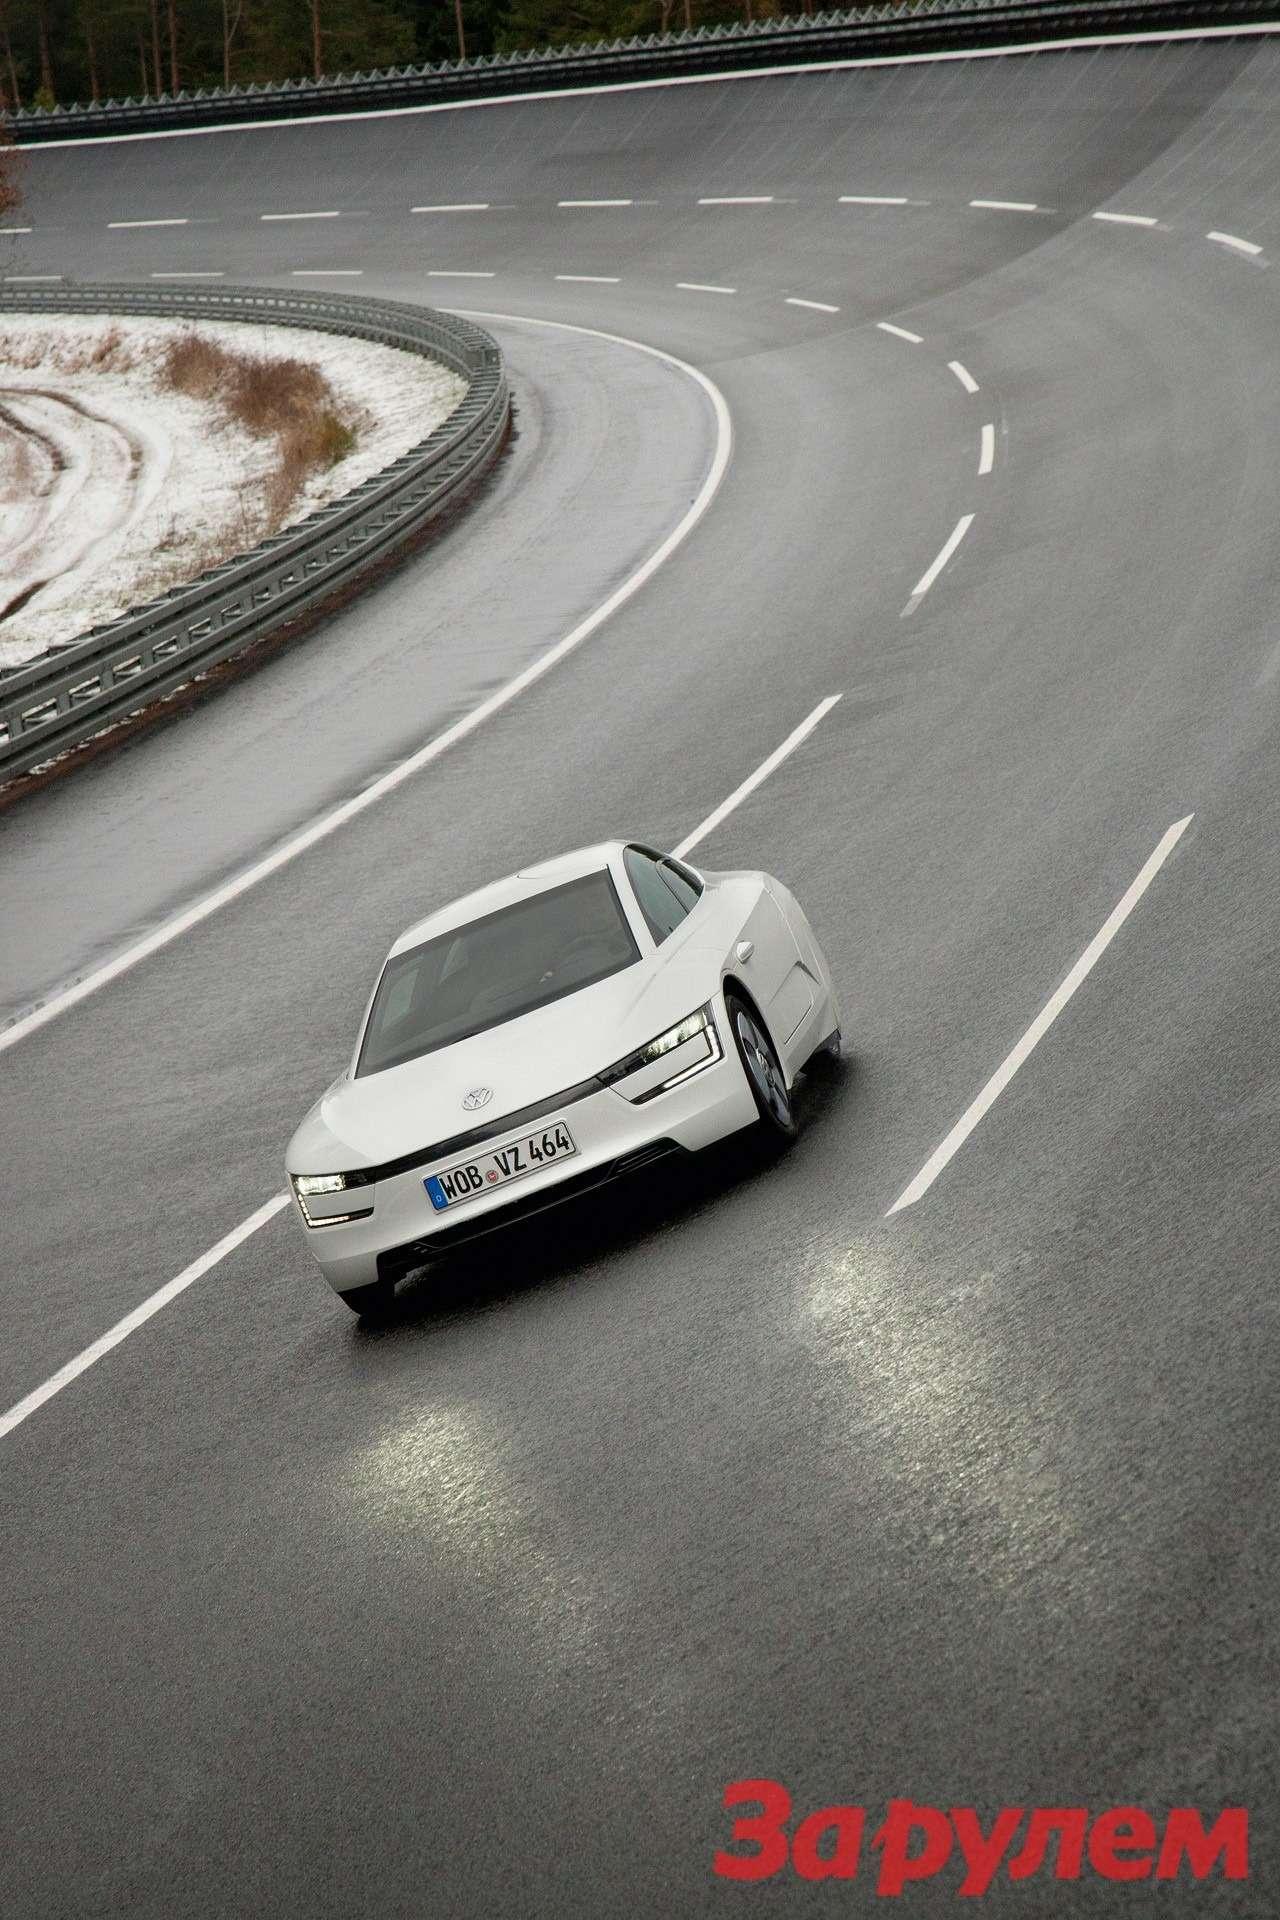 Derneue Volkswagen XL1